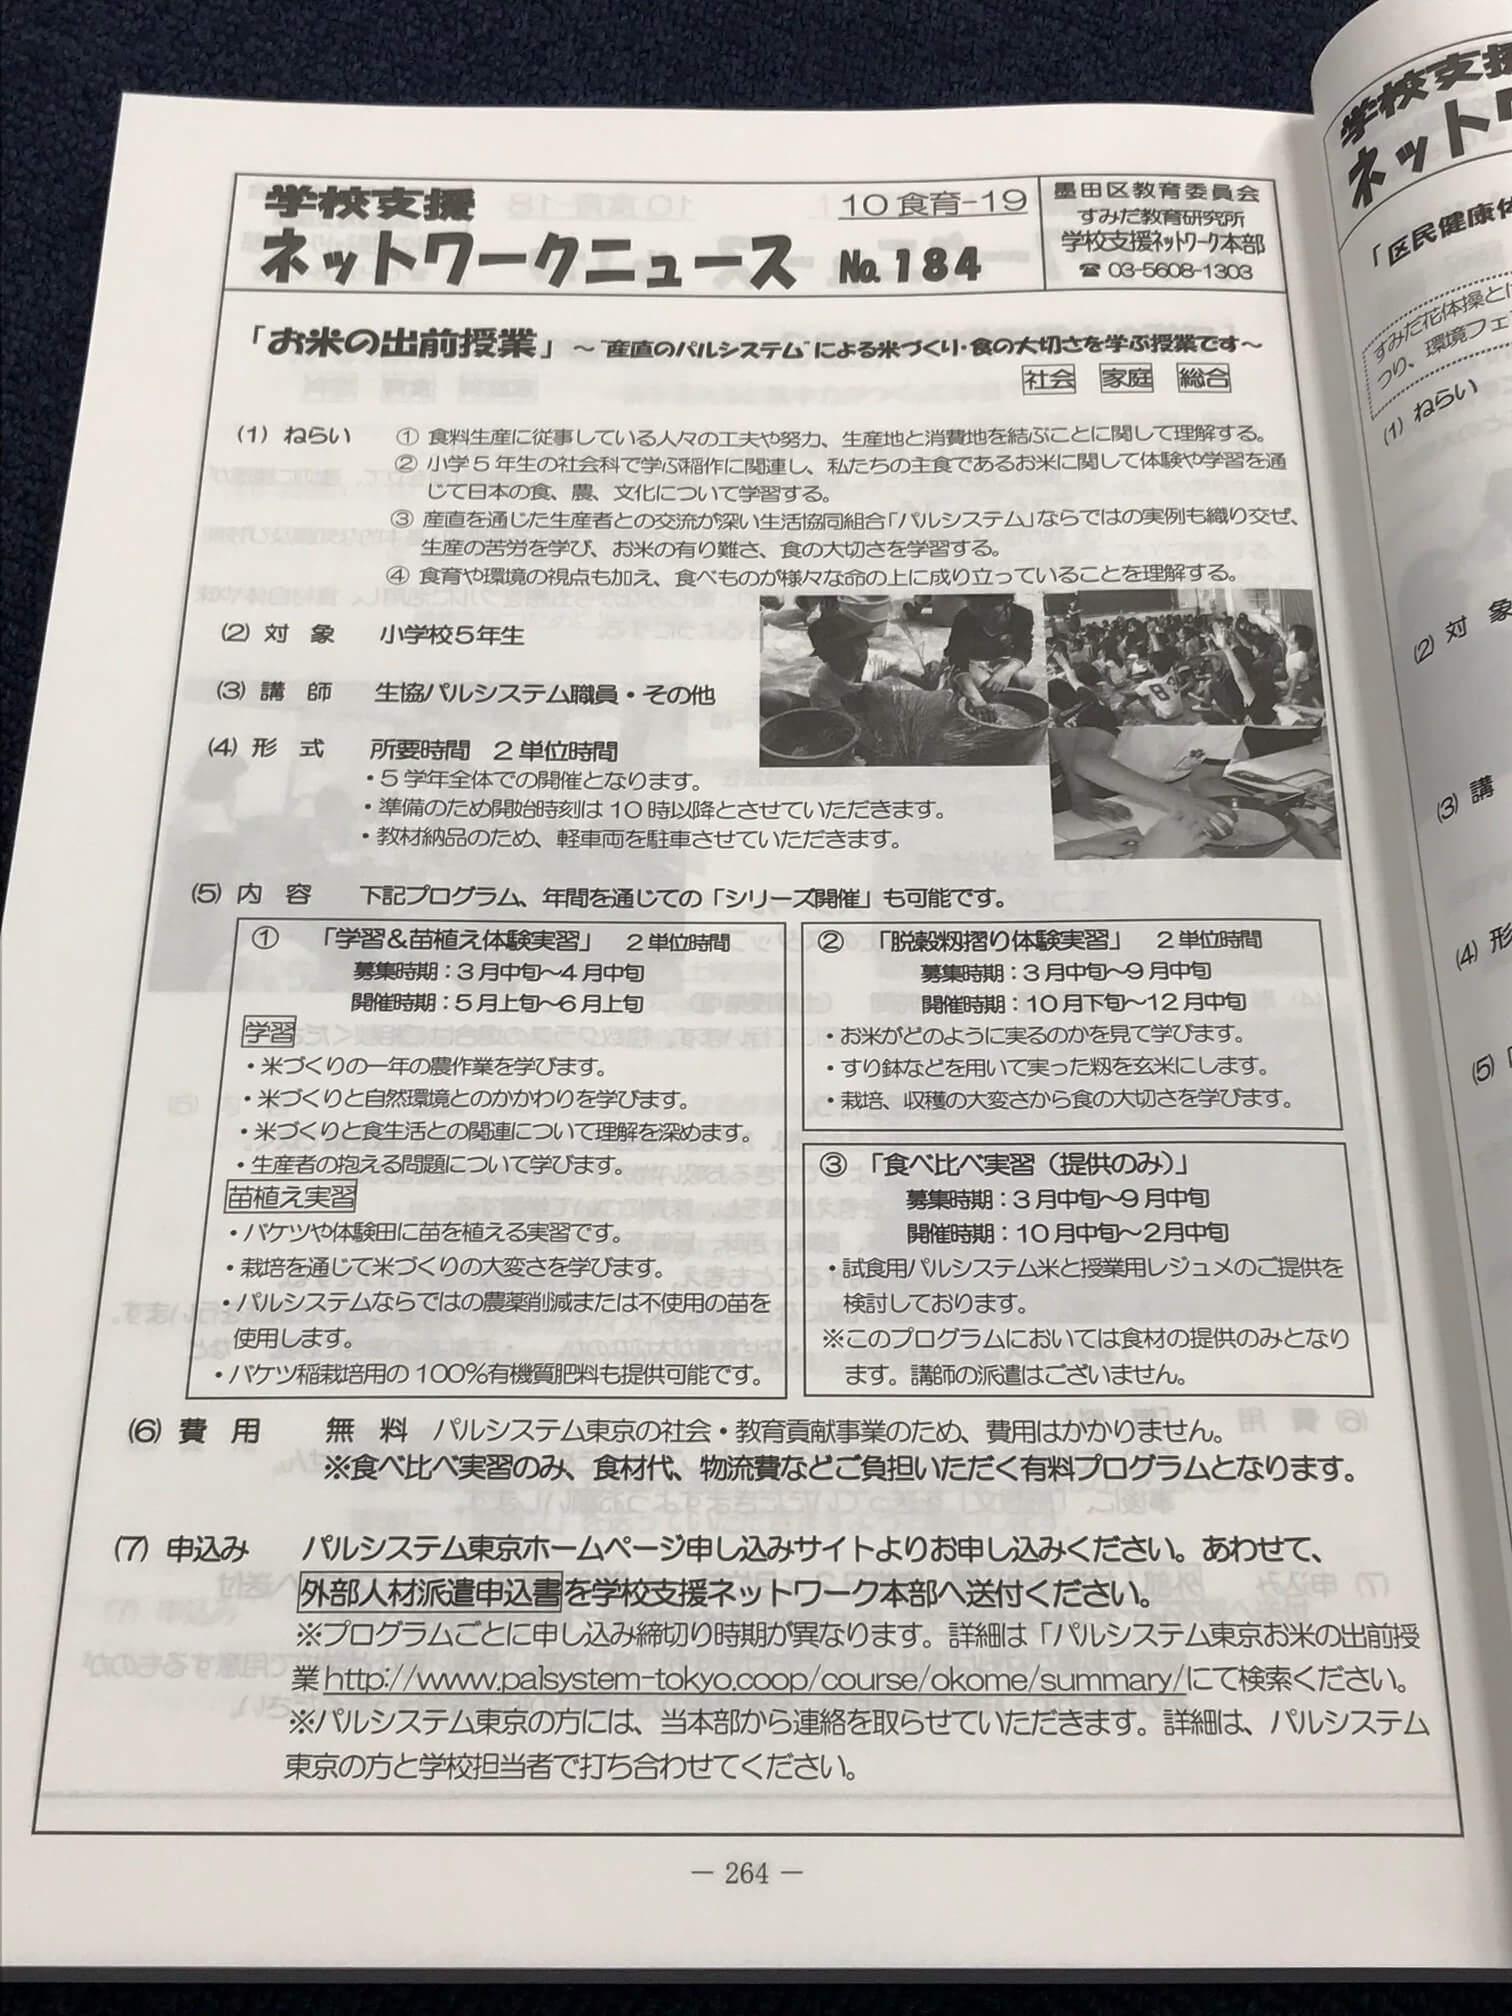 墨田区教育委員会事務局 学校支援ネットワーク本部発行の冊子